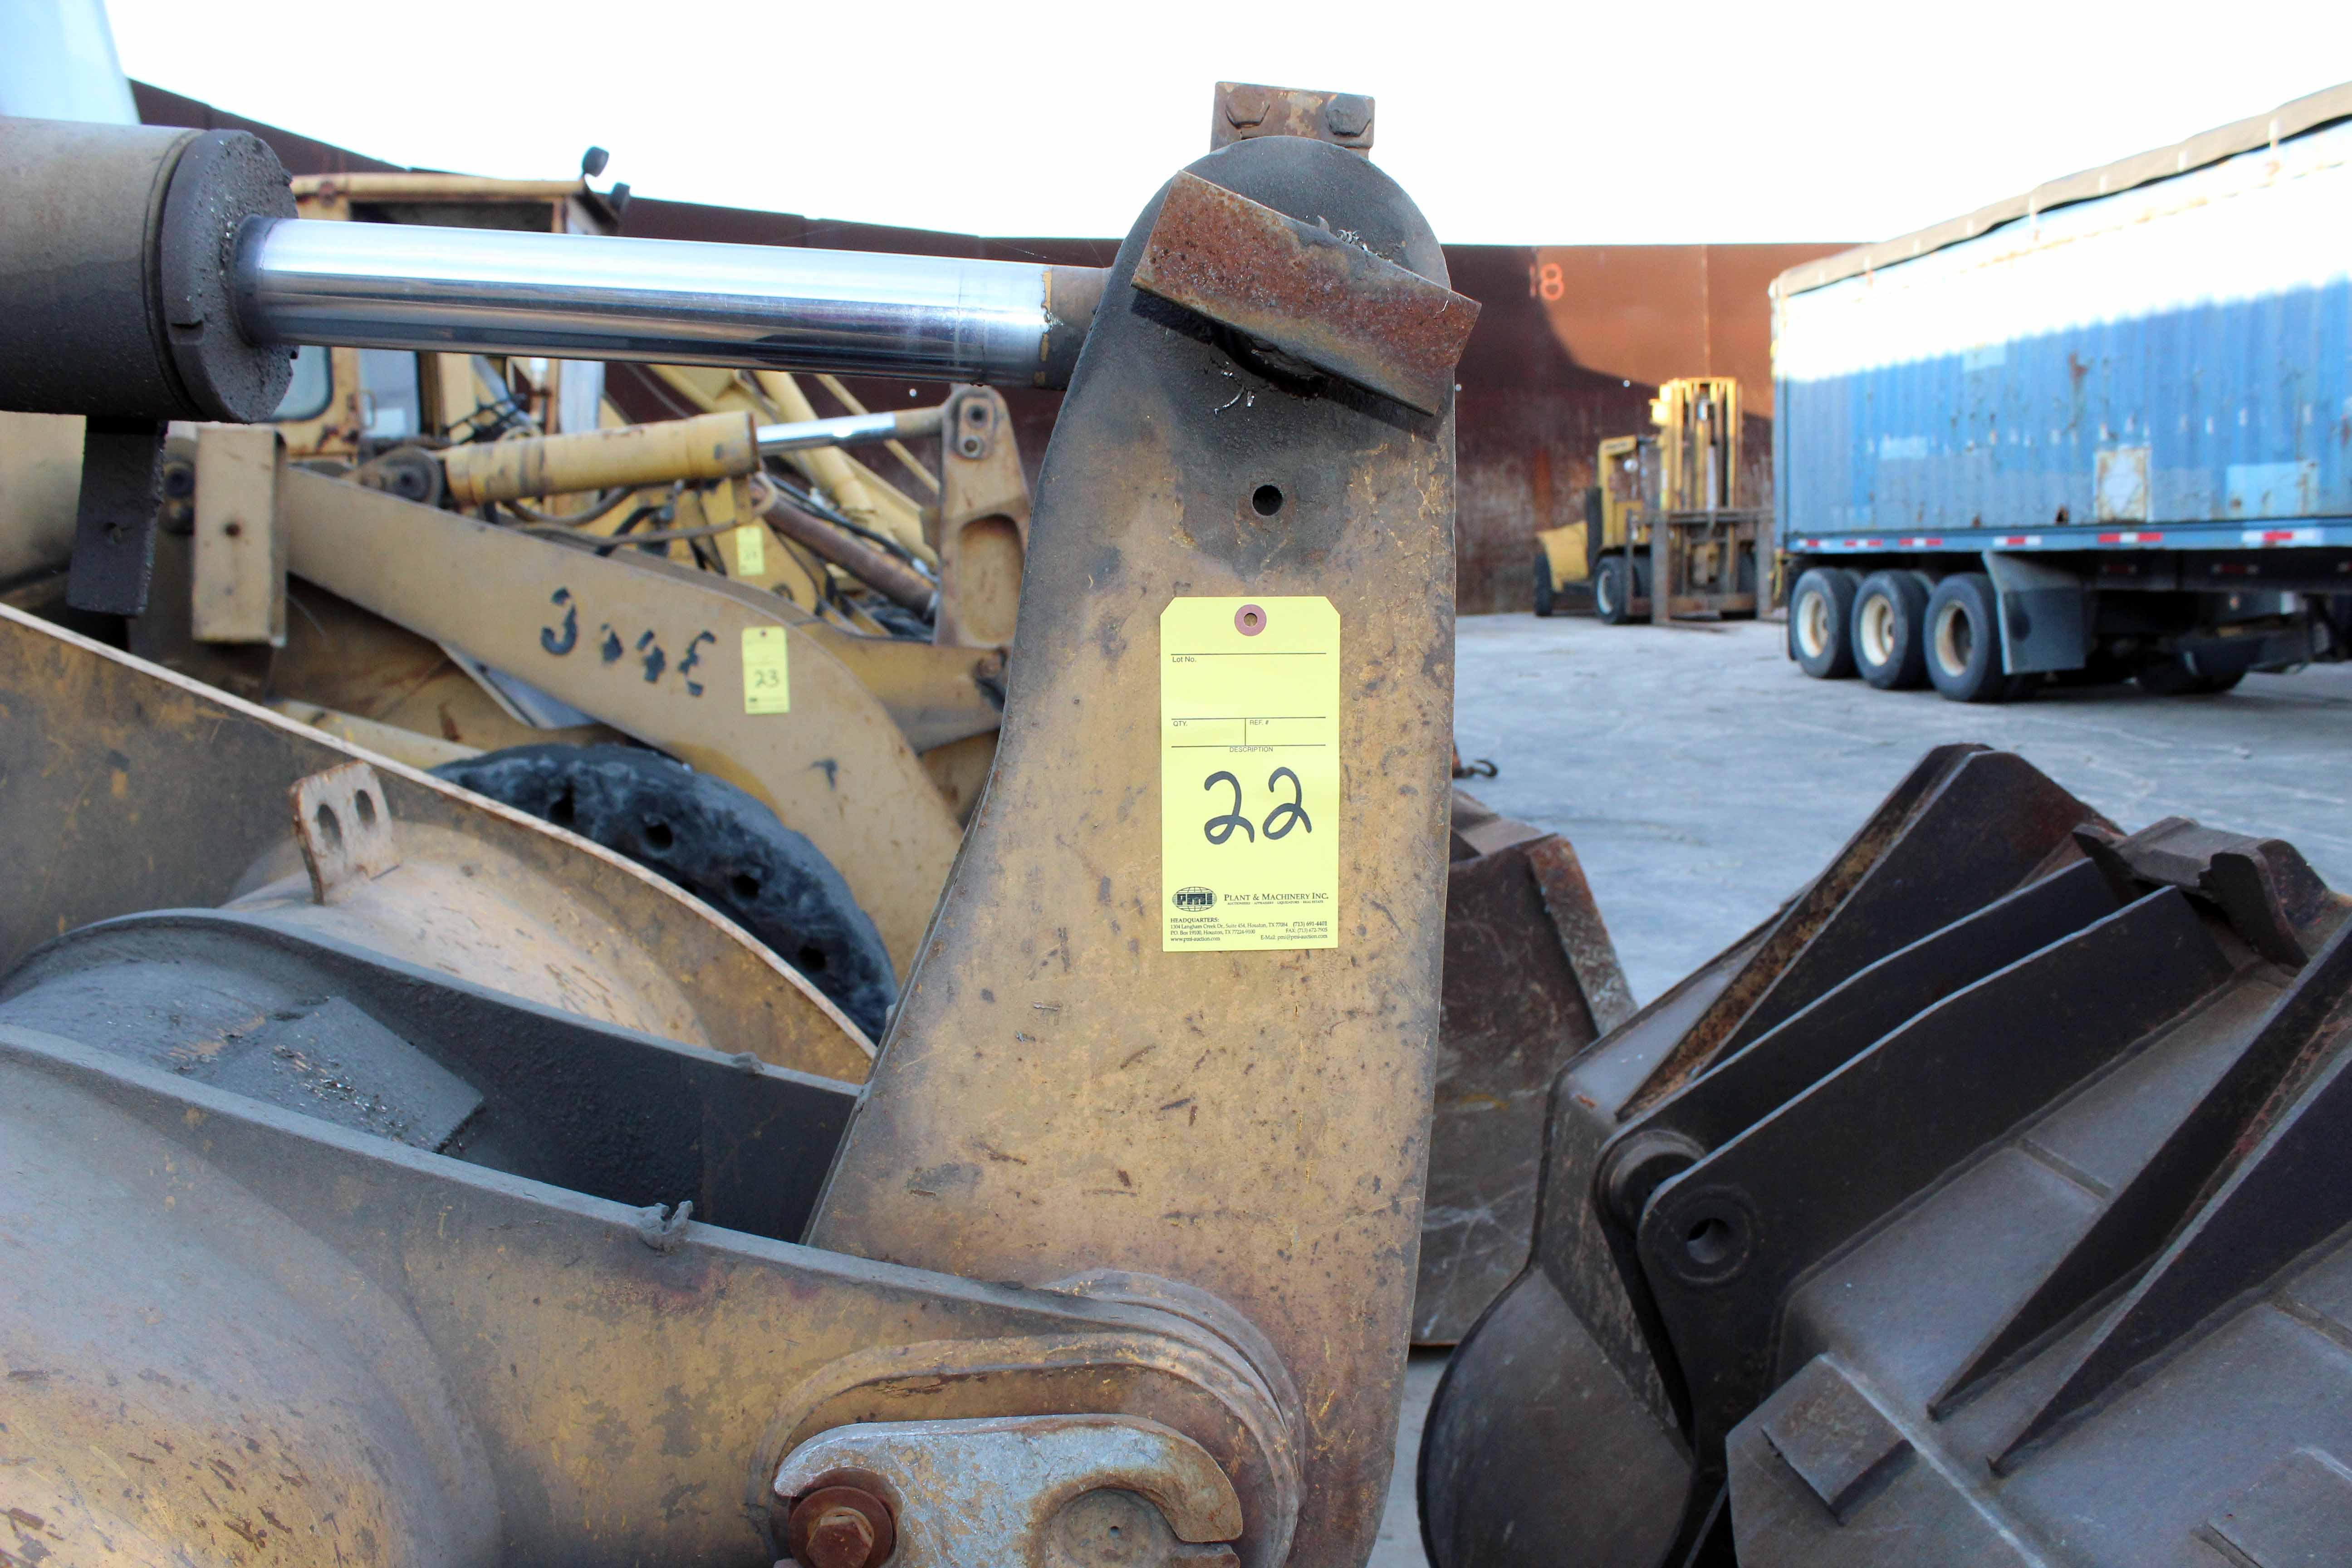 Lot 22 - ARTICULATED FRONT END LOADER, JOHN DEERE MDL. 444G, S/N 444GX002443